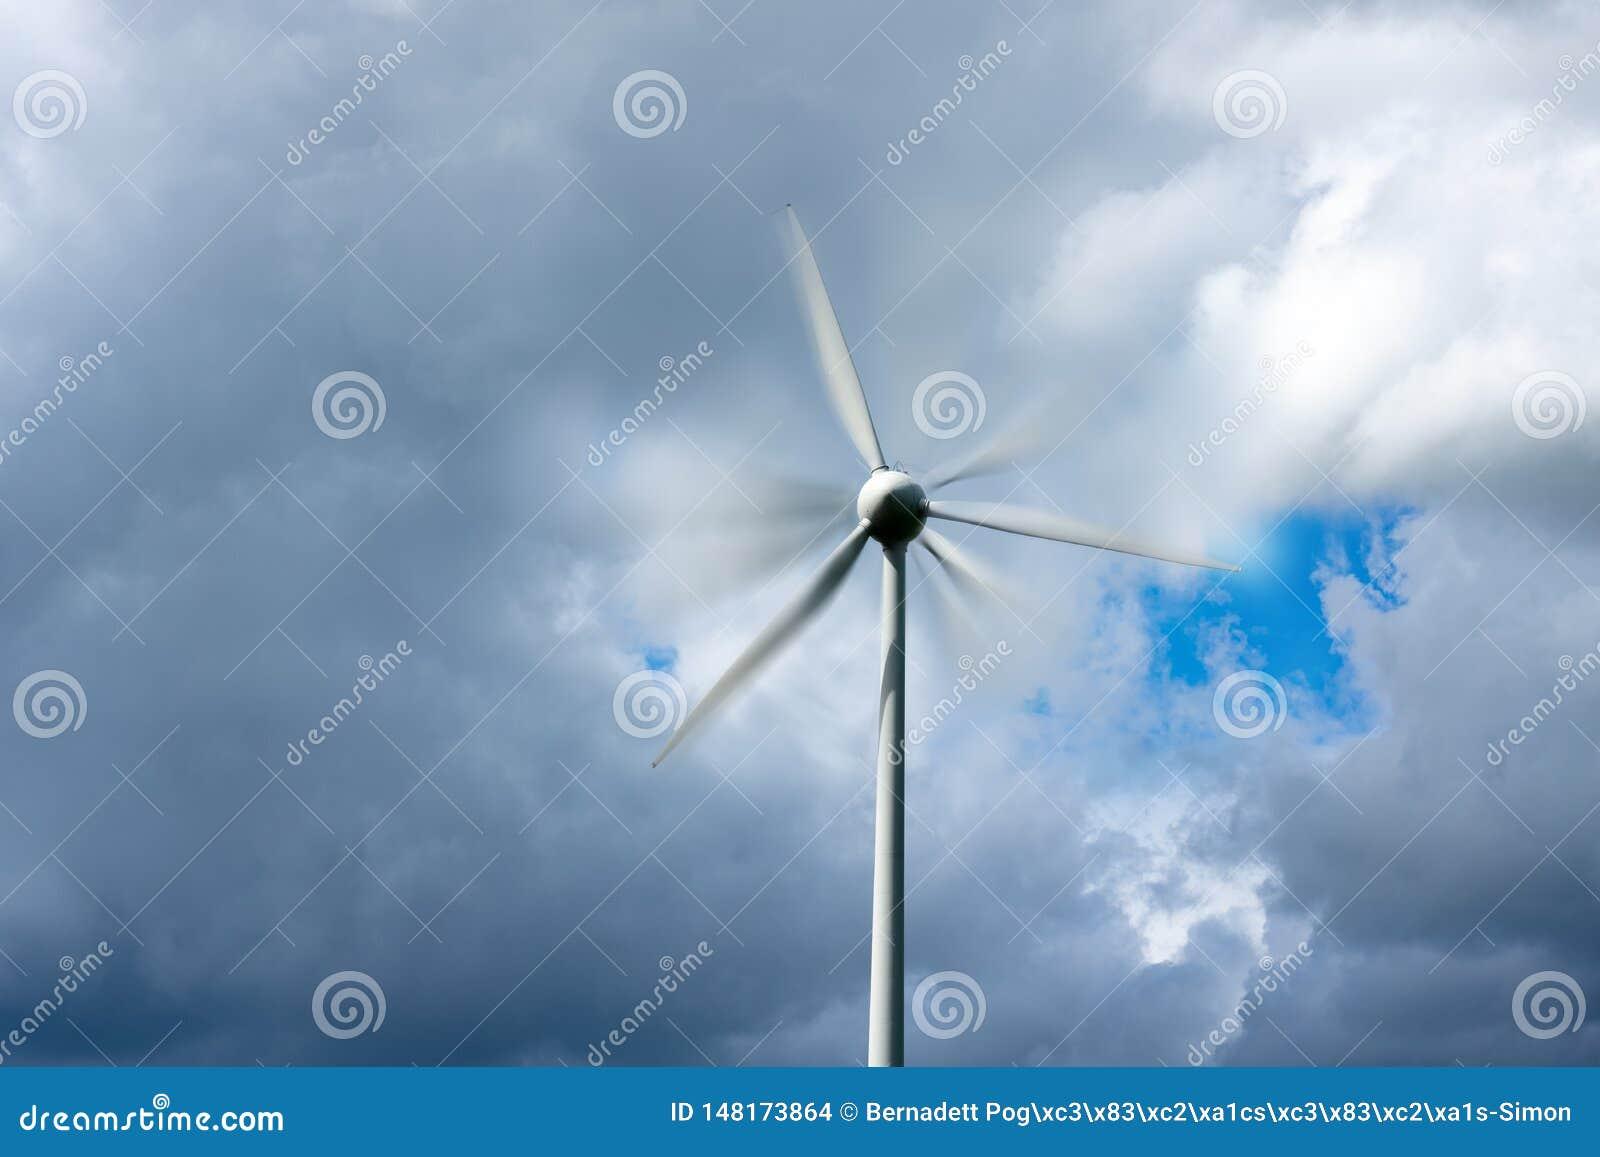 Väderkvarn för vindturbin med rörelsesuddighet och molnig himmel